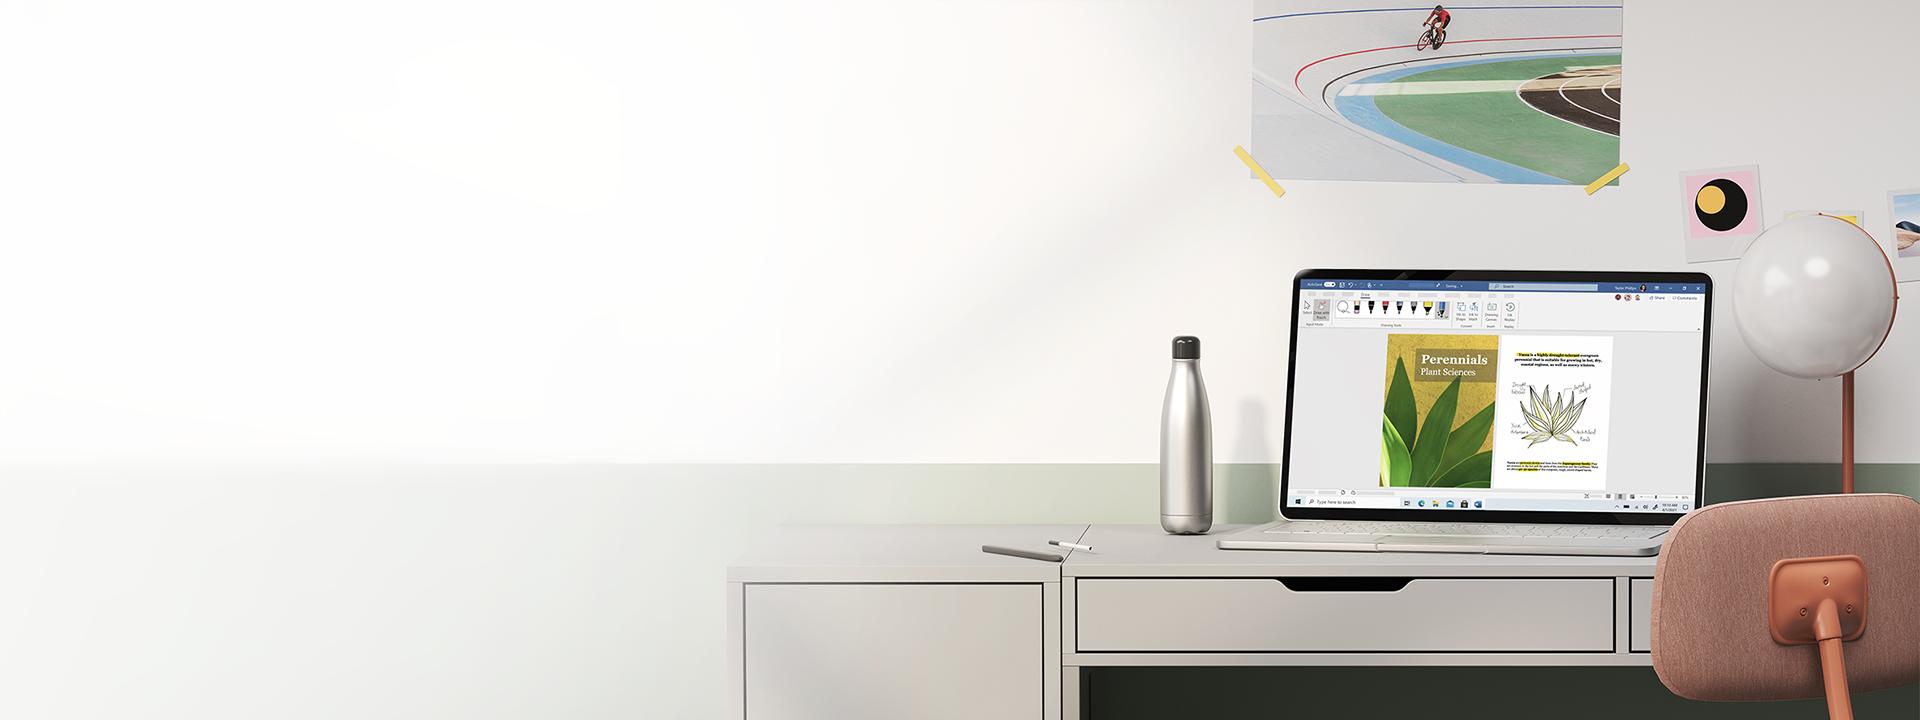 Windows10 laptop az asztalon